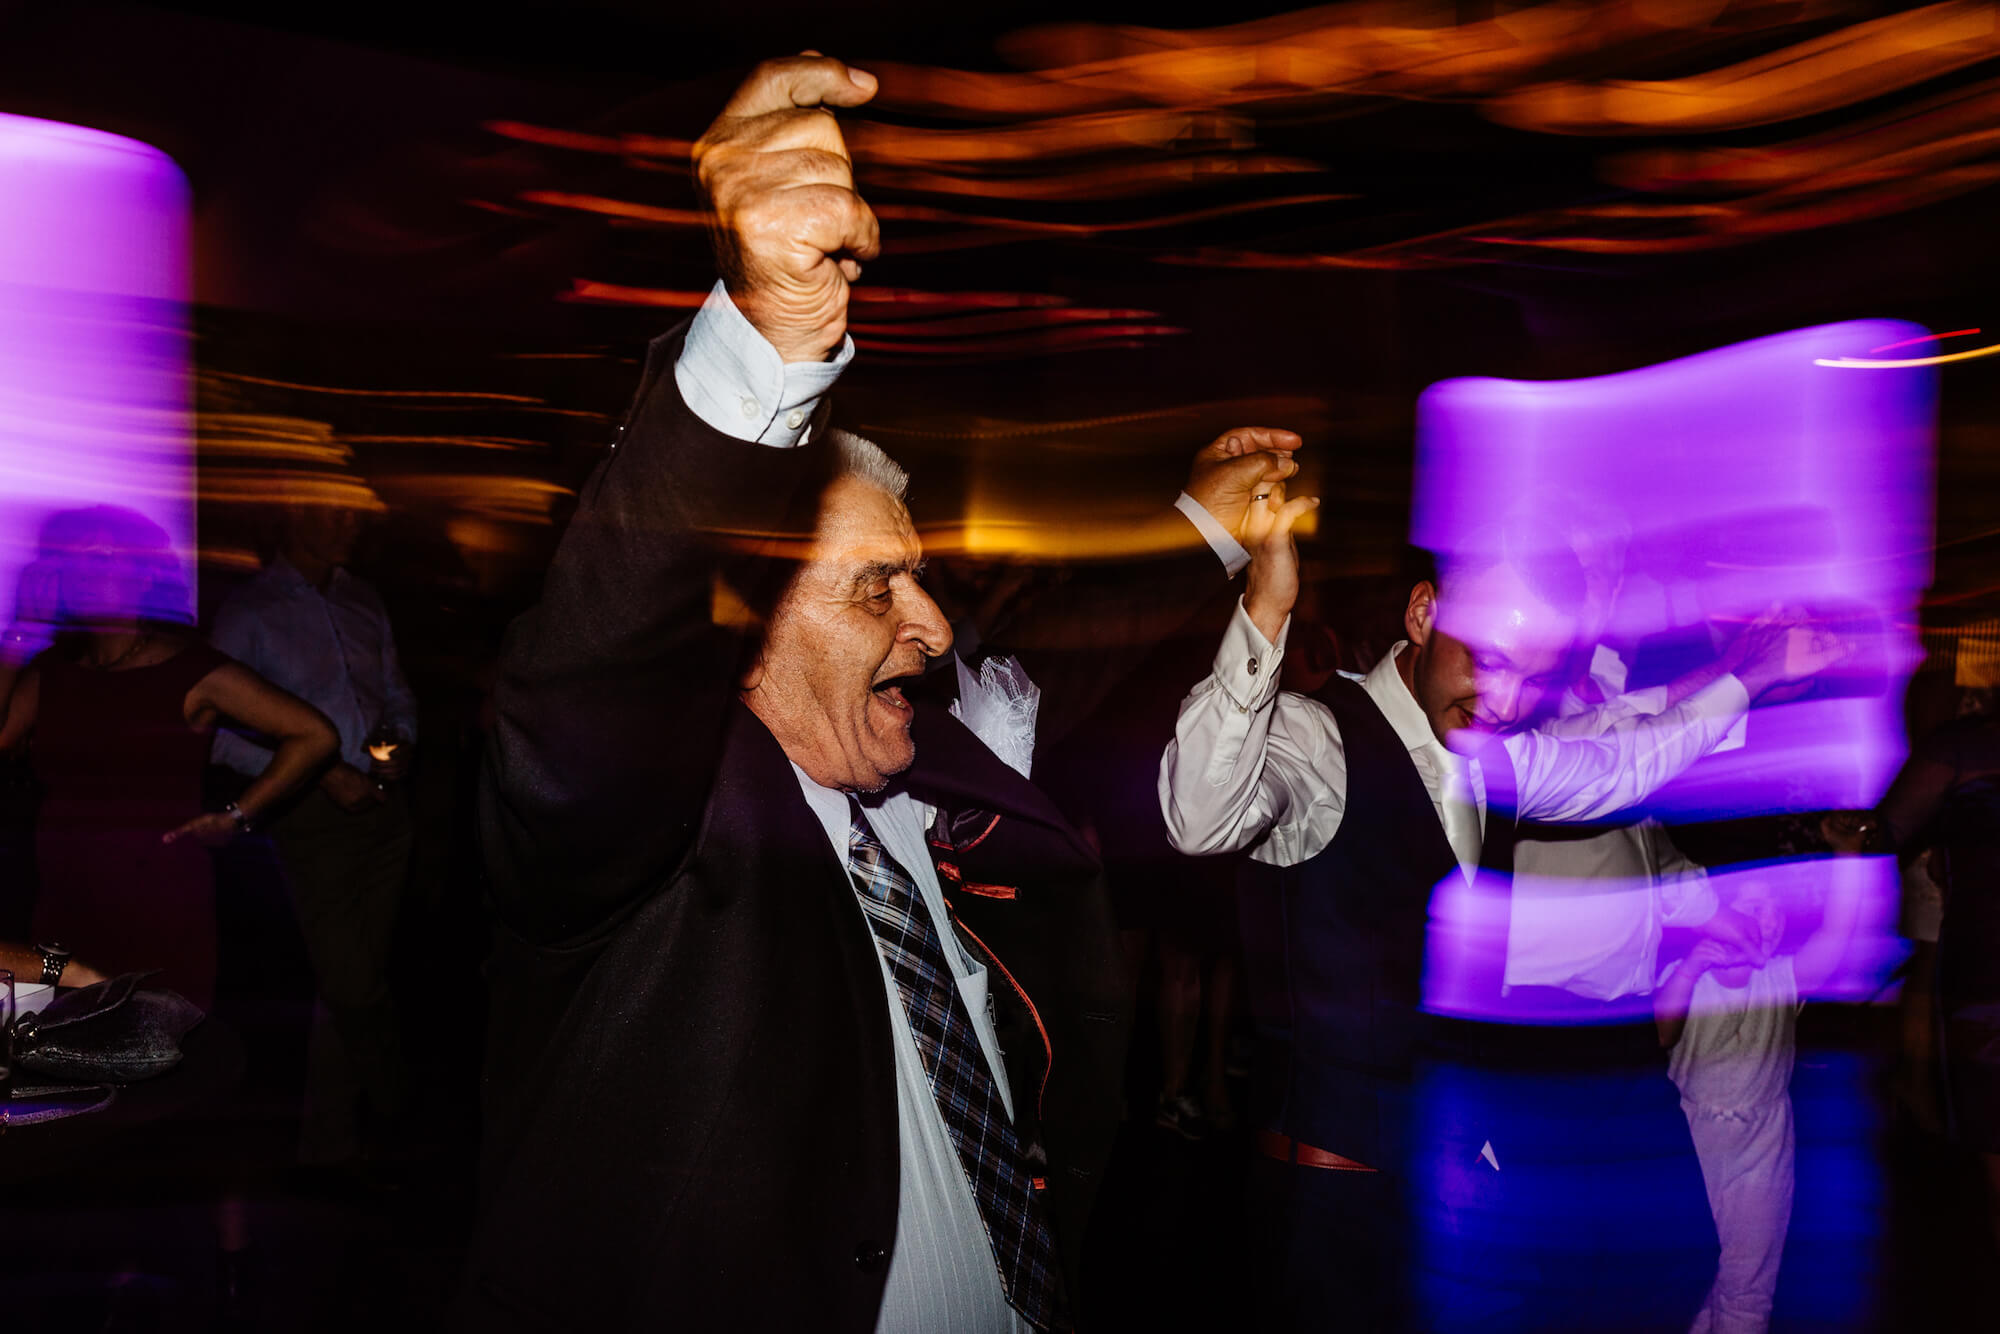 griekse-bruiloft-trouwfotograaf-utrecht-48.jpg